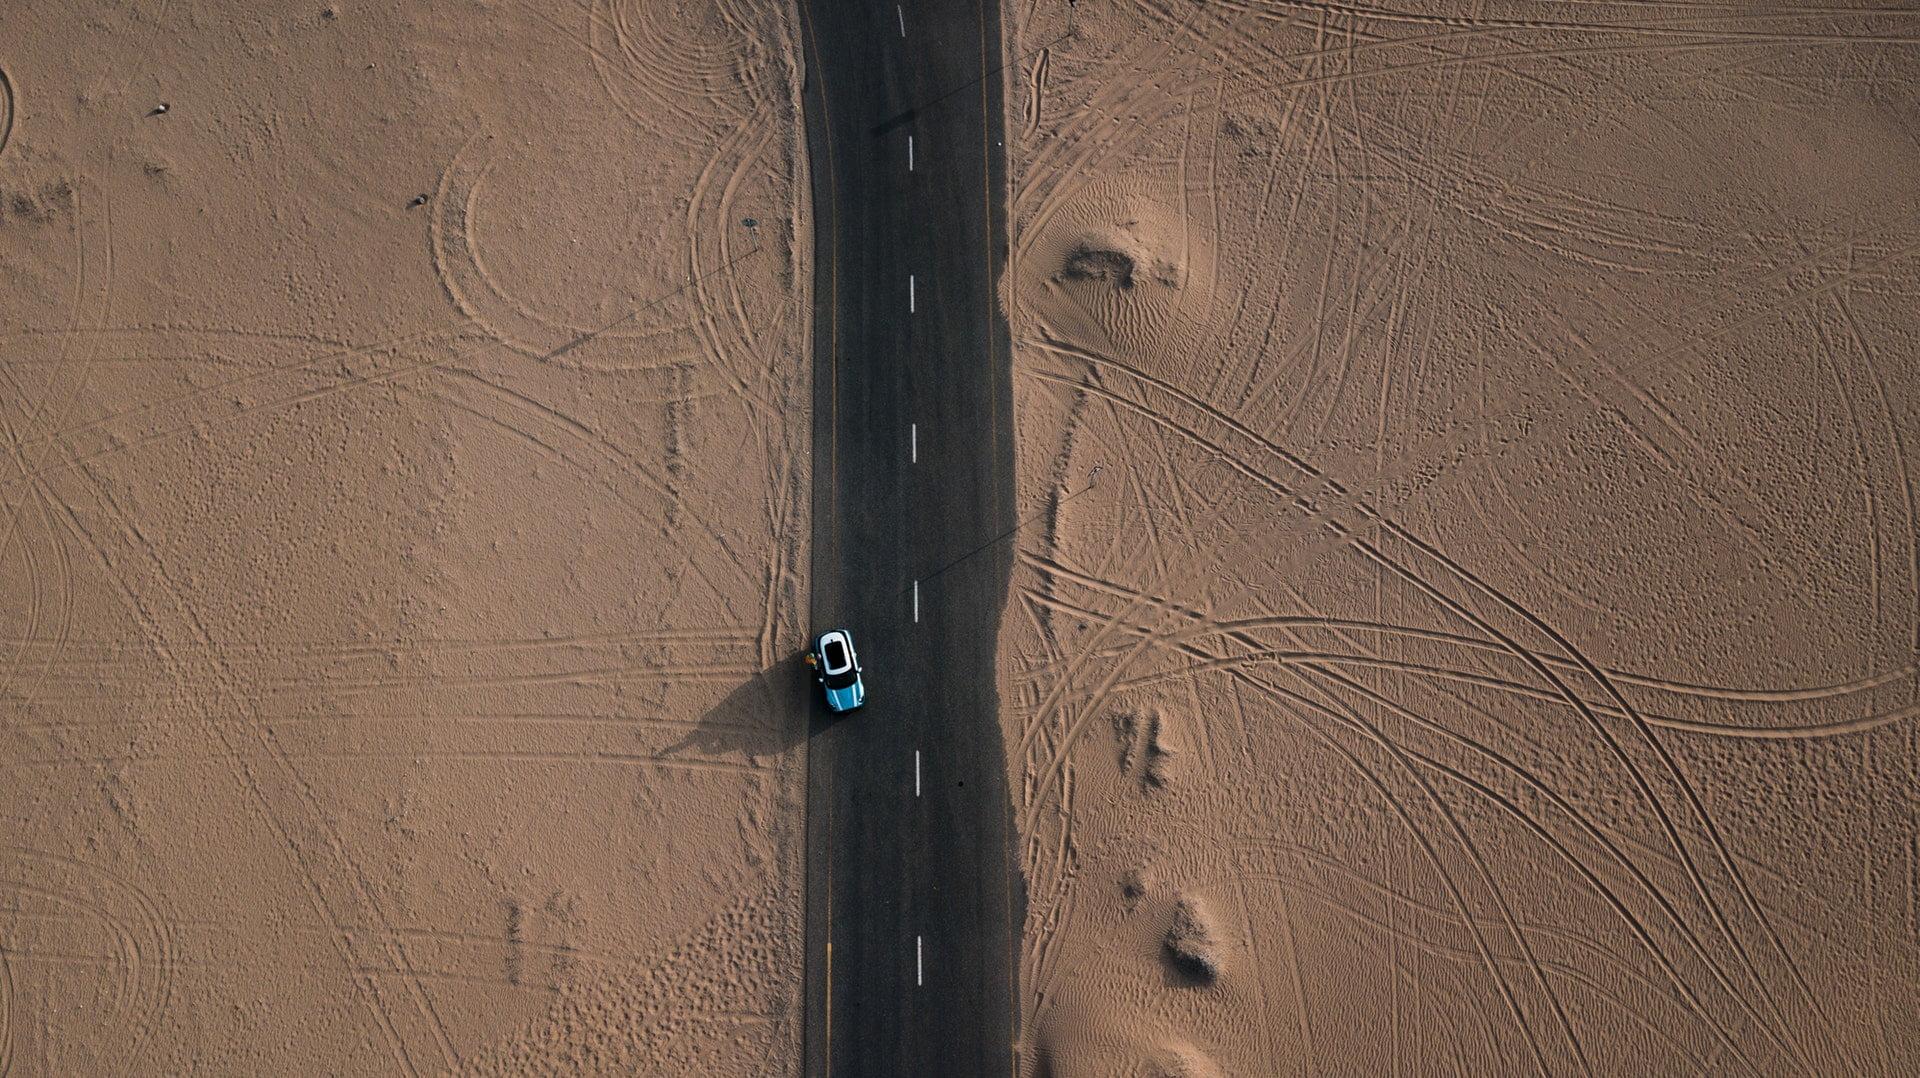 vehicle on roadway blue mini car sand desert 1 愛不愛|子明一行詩